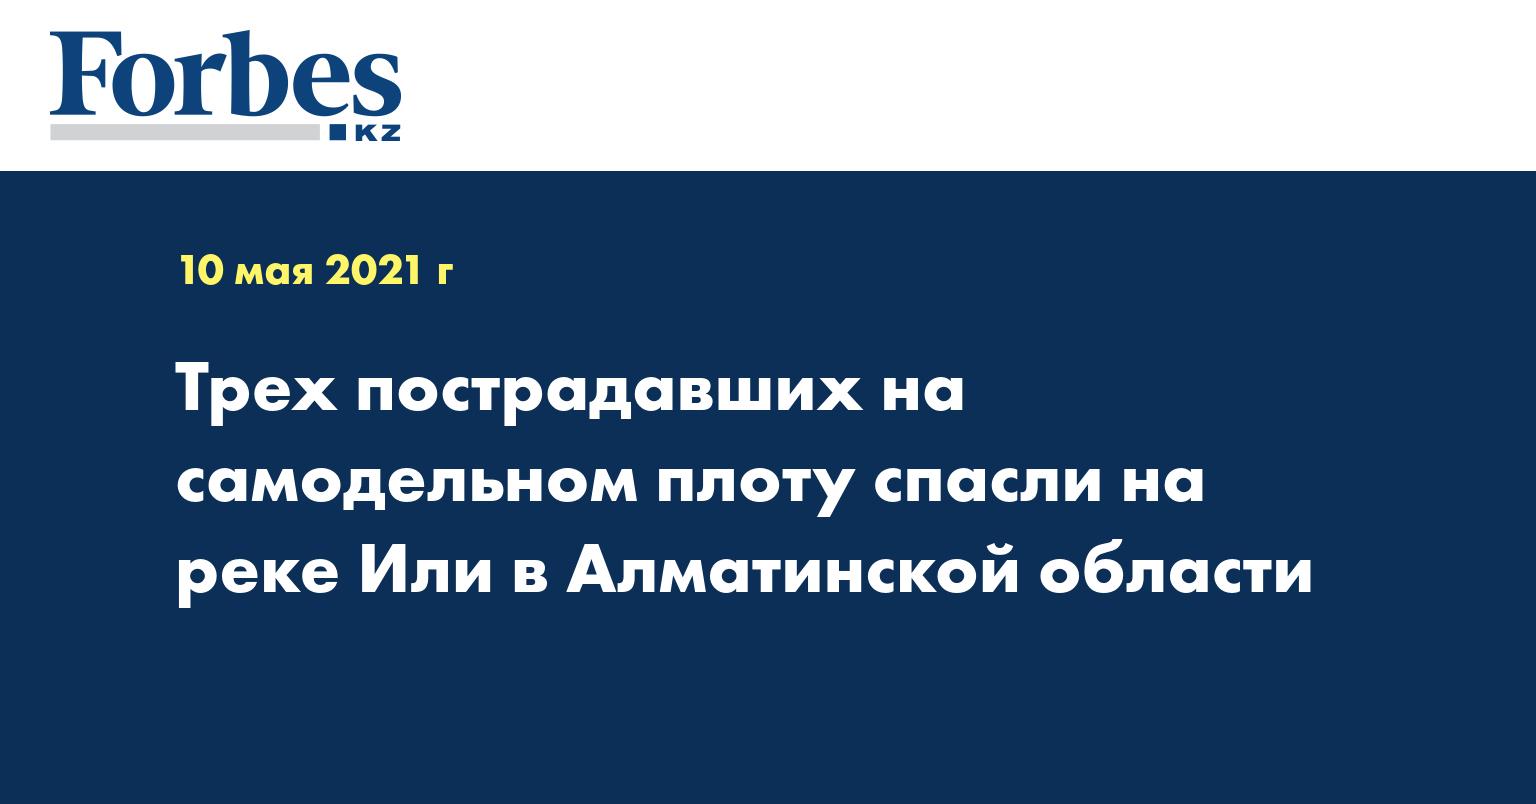 Трех пострадавших на самодельном плоту спасли на реке Или в Алматинской области